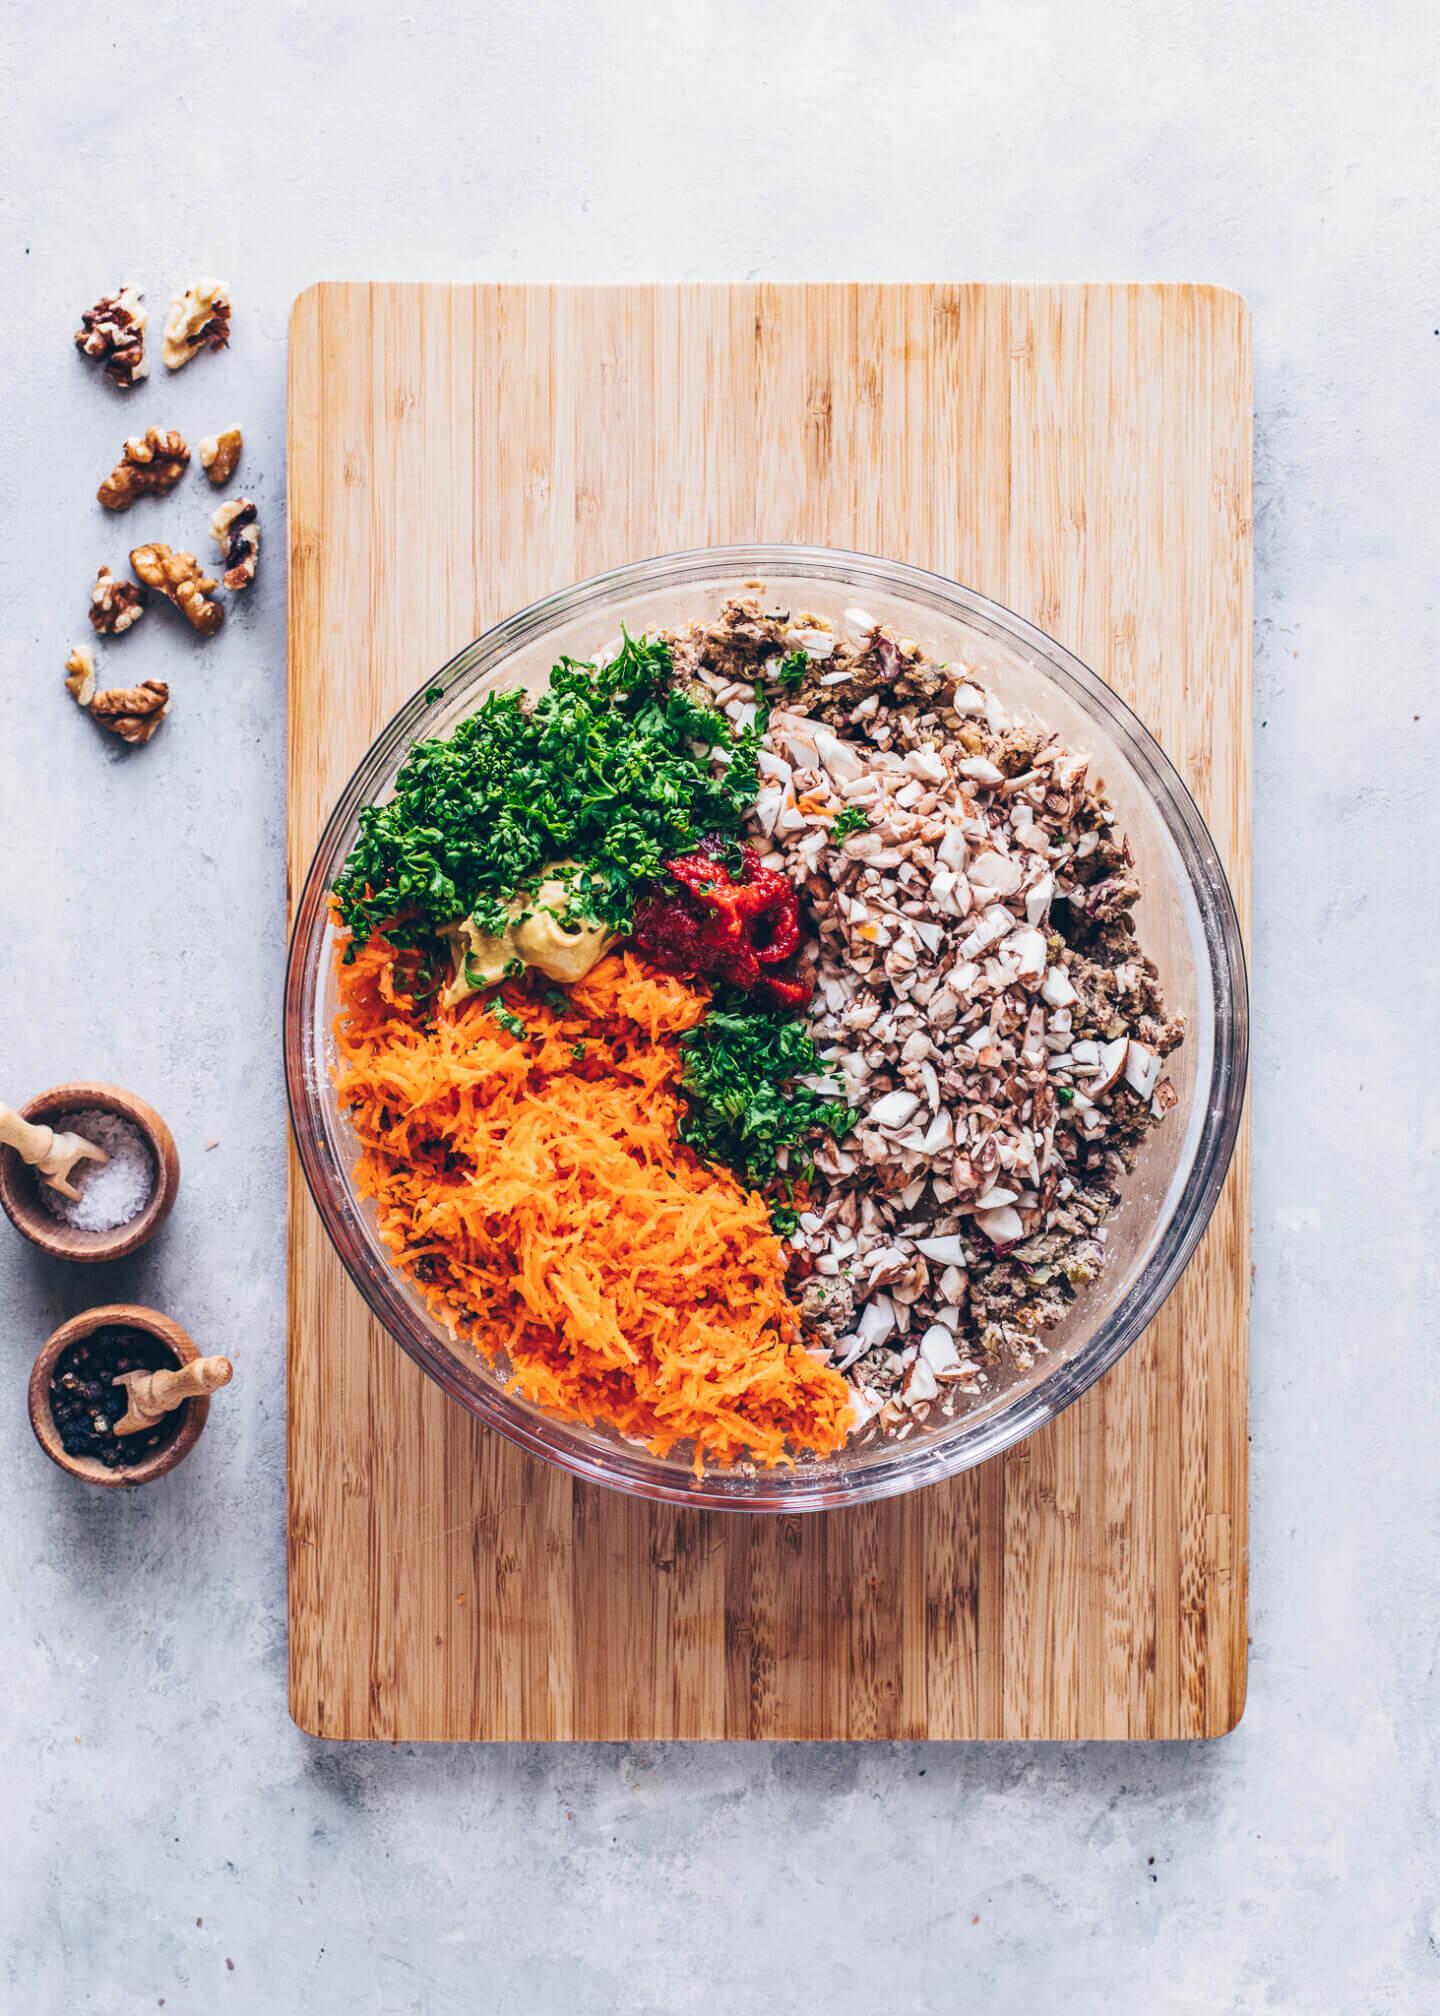 Vegan Meatloaf Ingredients in a bowl